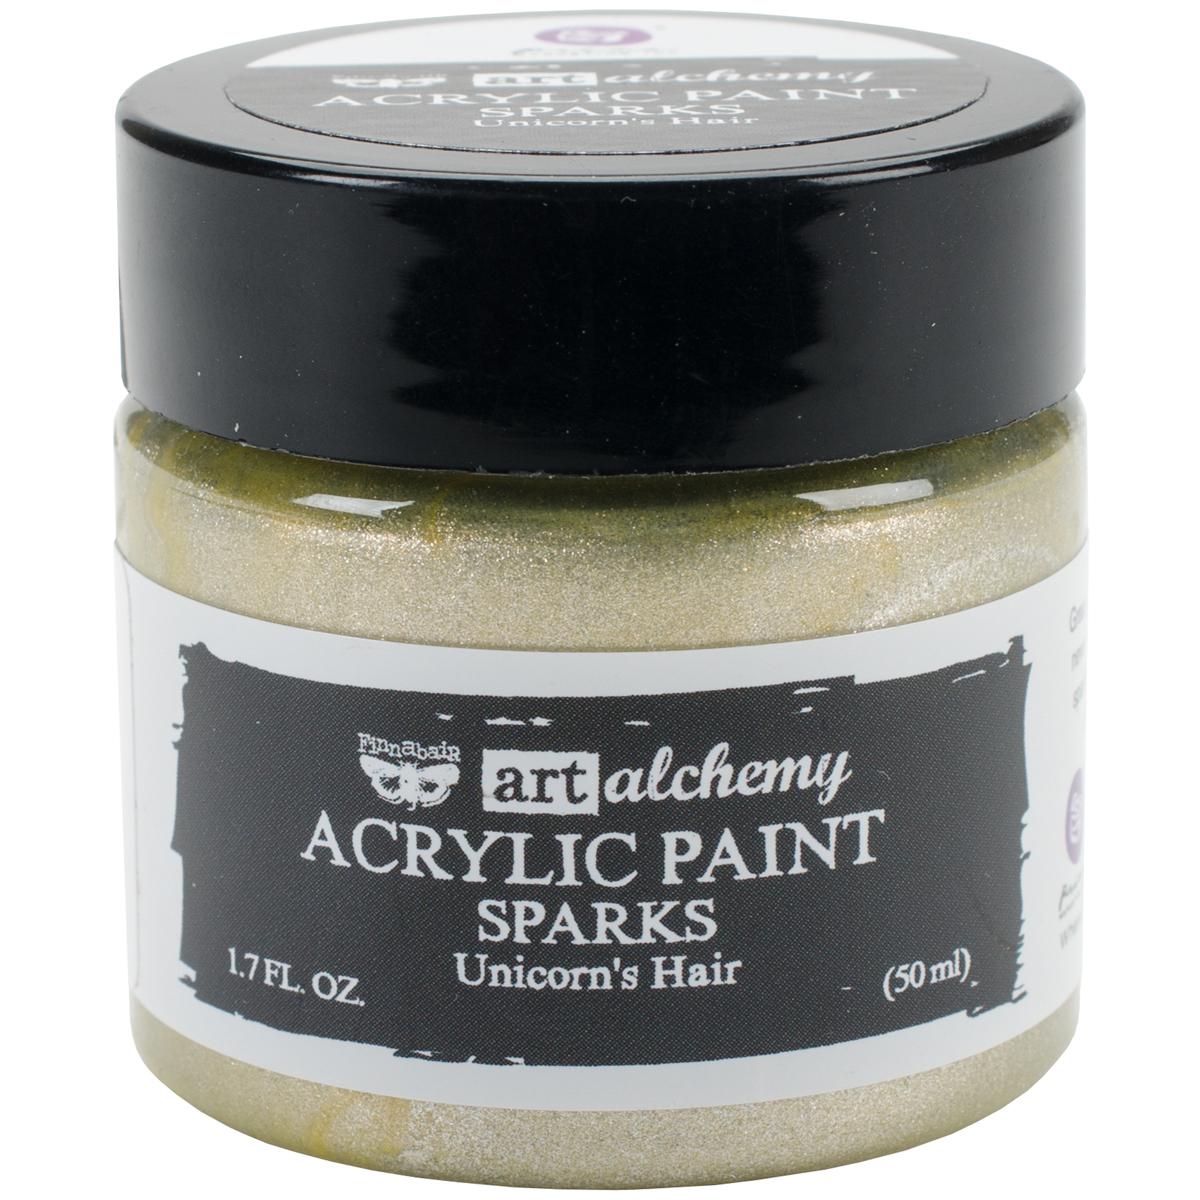 Finnabair Art Alchemy Sparks Acrylic Paint 1.7 Fluid Ounces-Unicorn's Hair